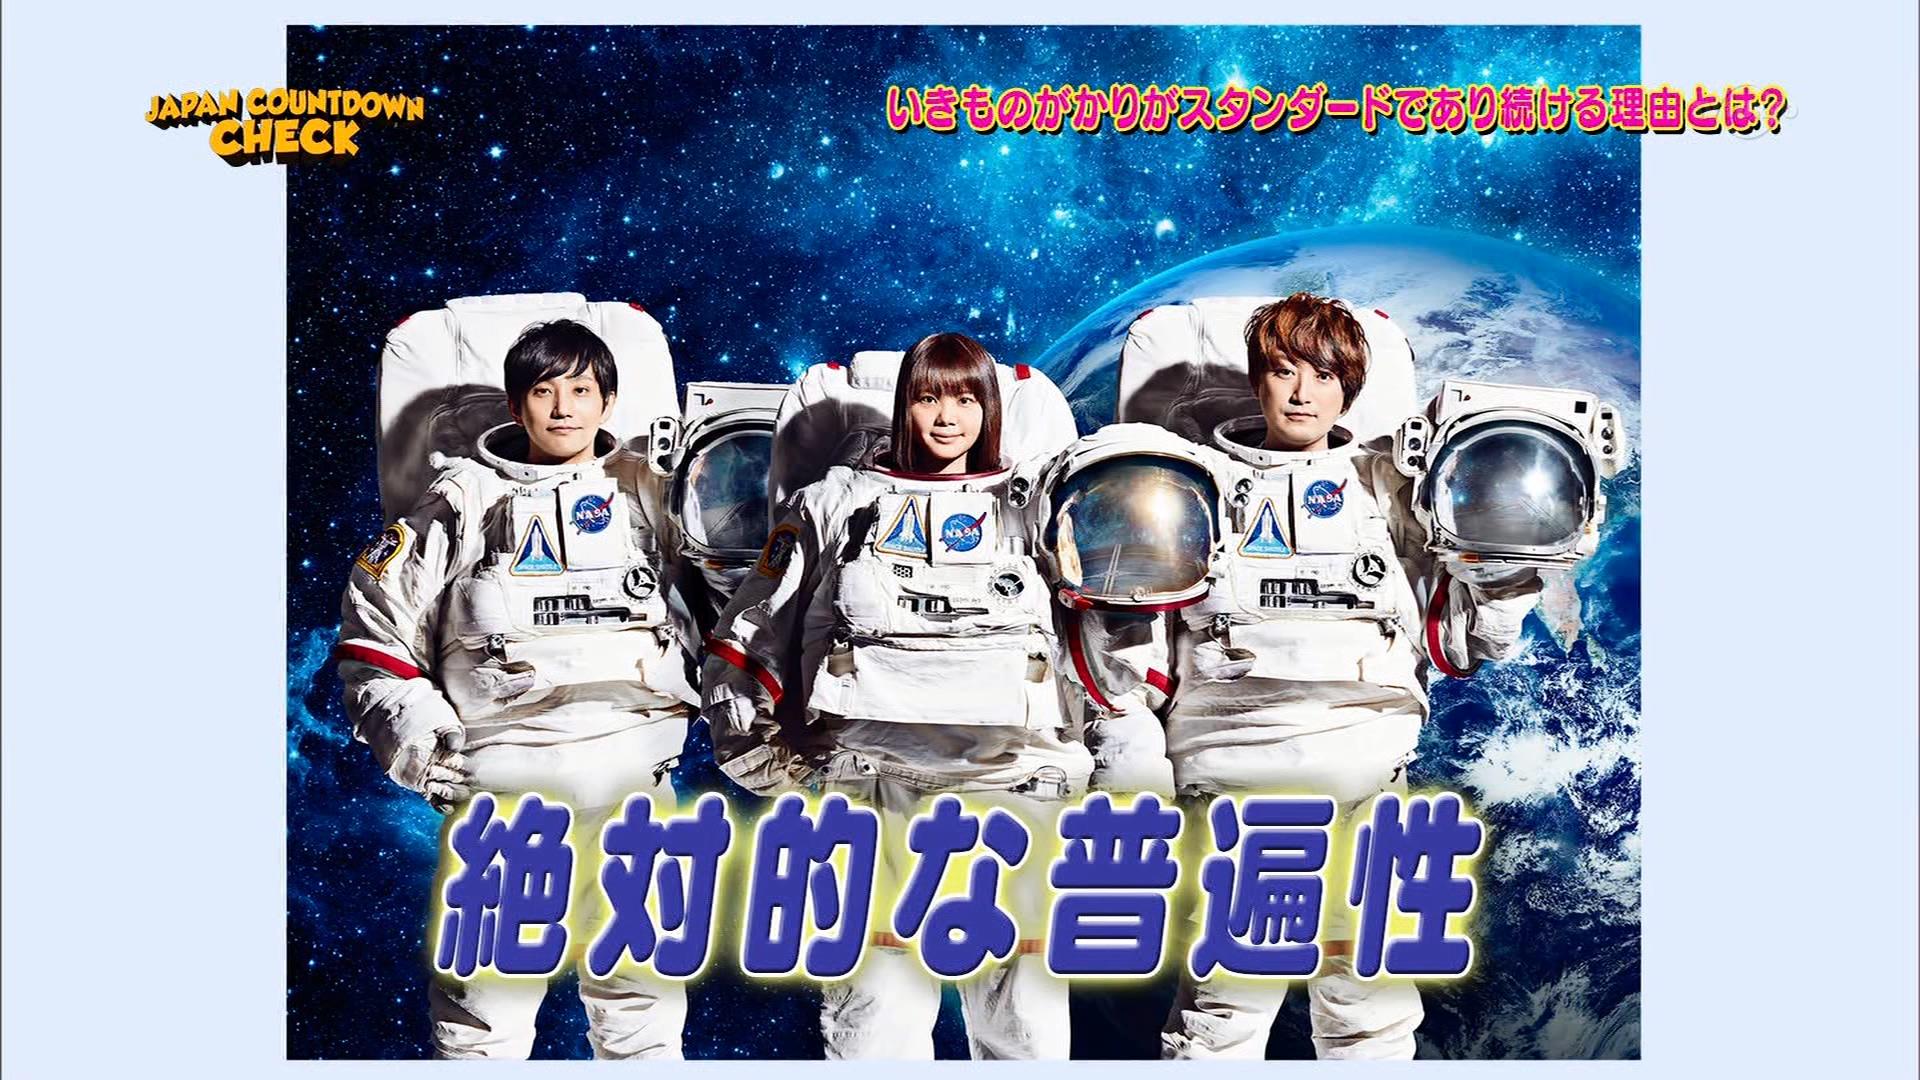 2016.03.20 いきものがかり - 10年たっても私たちはいきものがかりが大好き!日本のスタンダードであり続ける理由(JAPAN COUNTDOWN).ts_20160320_103805.288